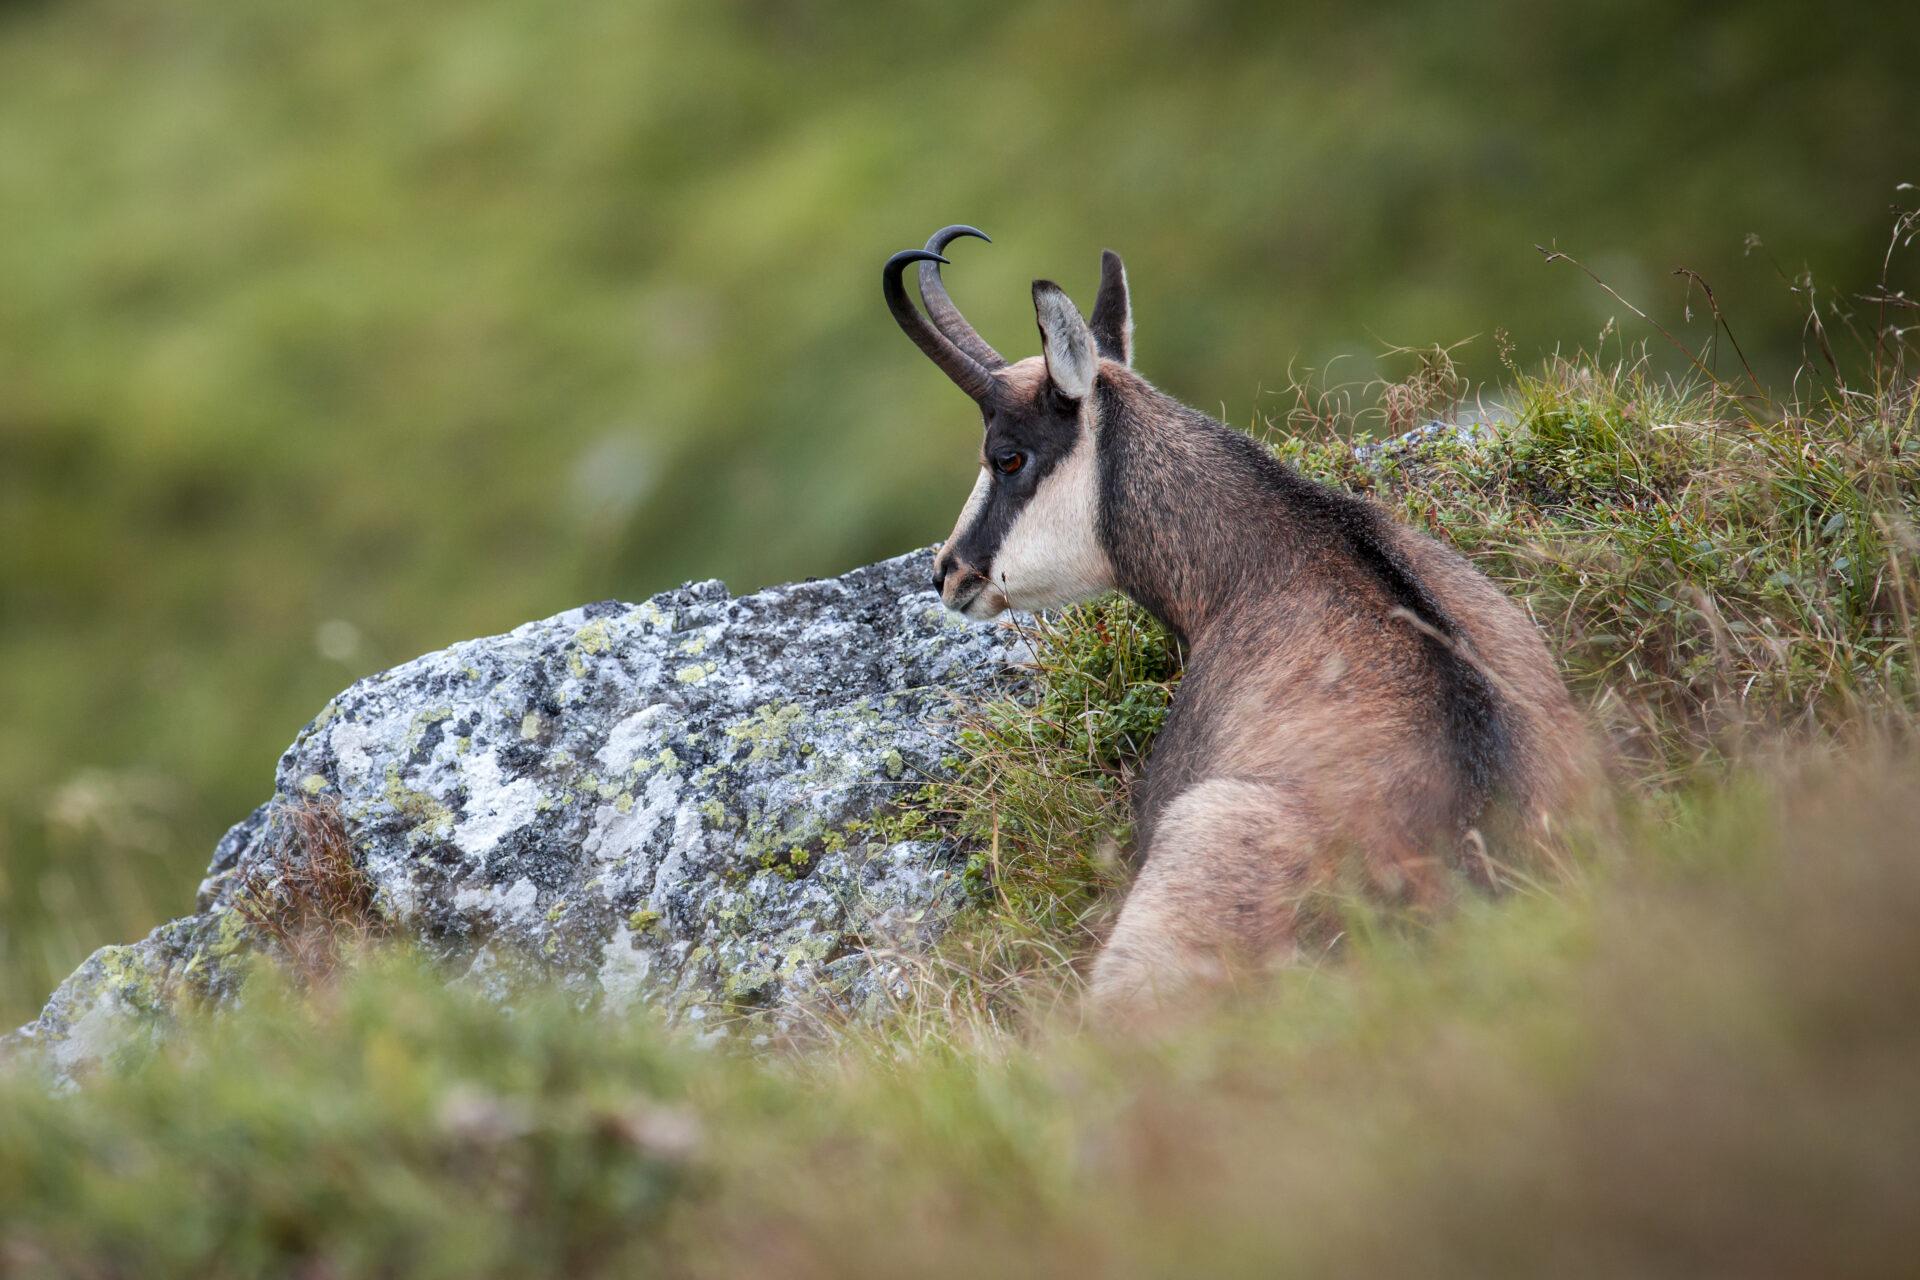 Bayern: Tierschutz-Beschwerde bei der EU für die Gams - WILD UND HUND